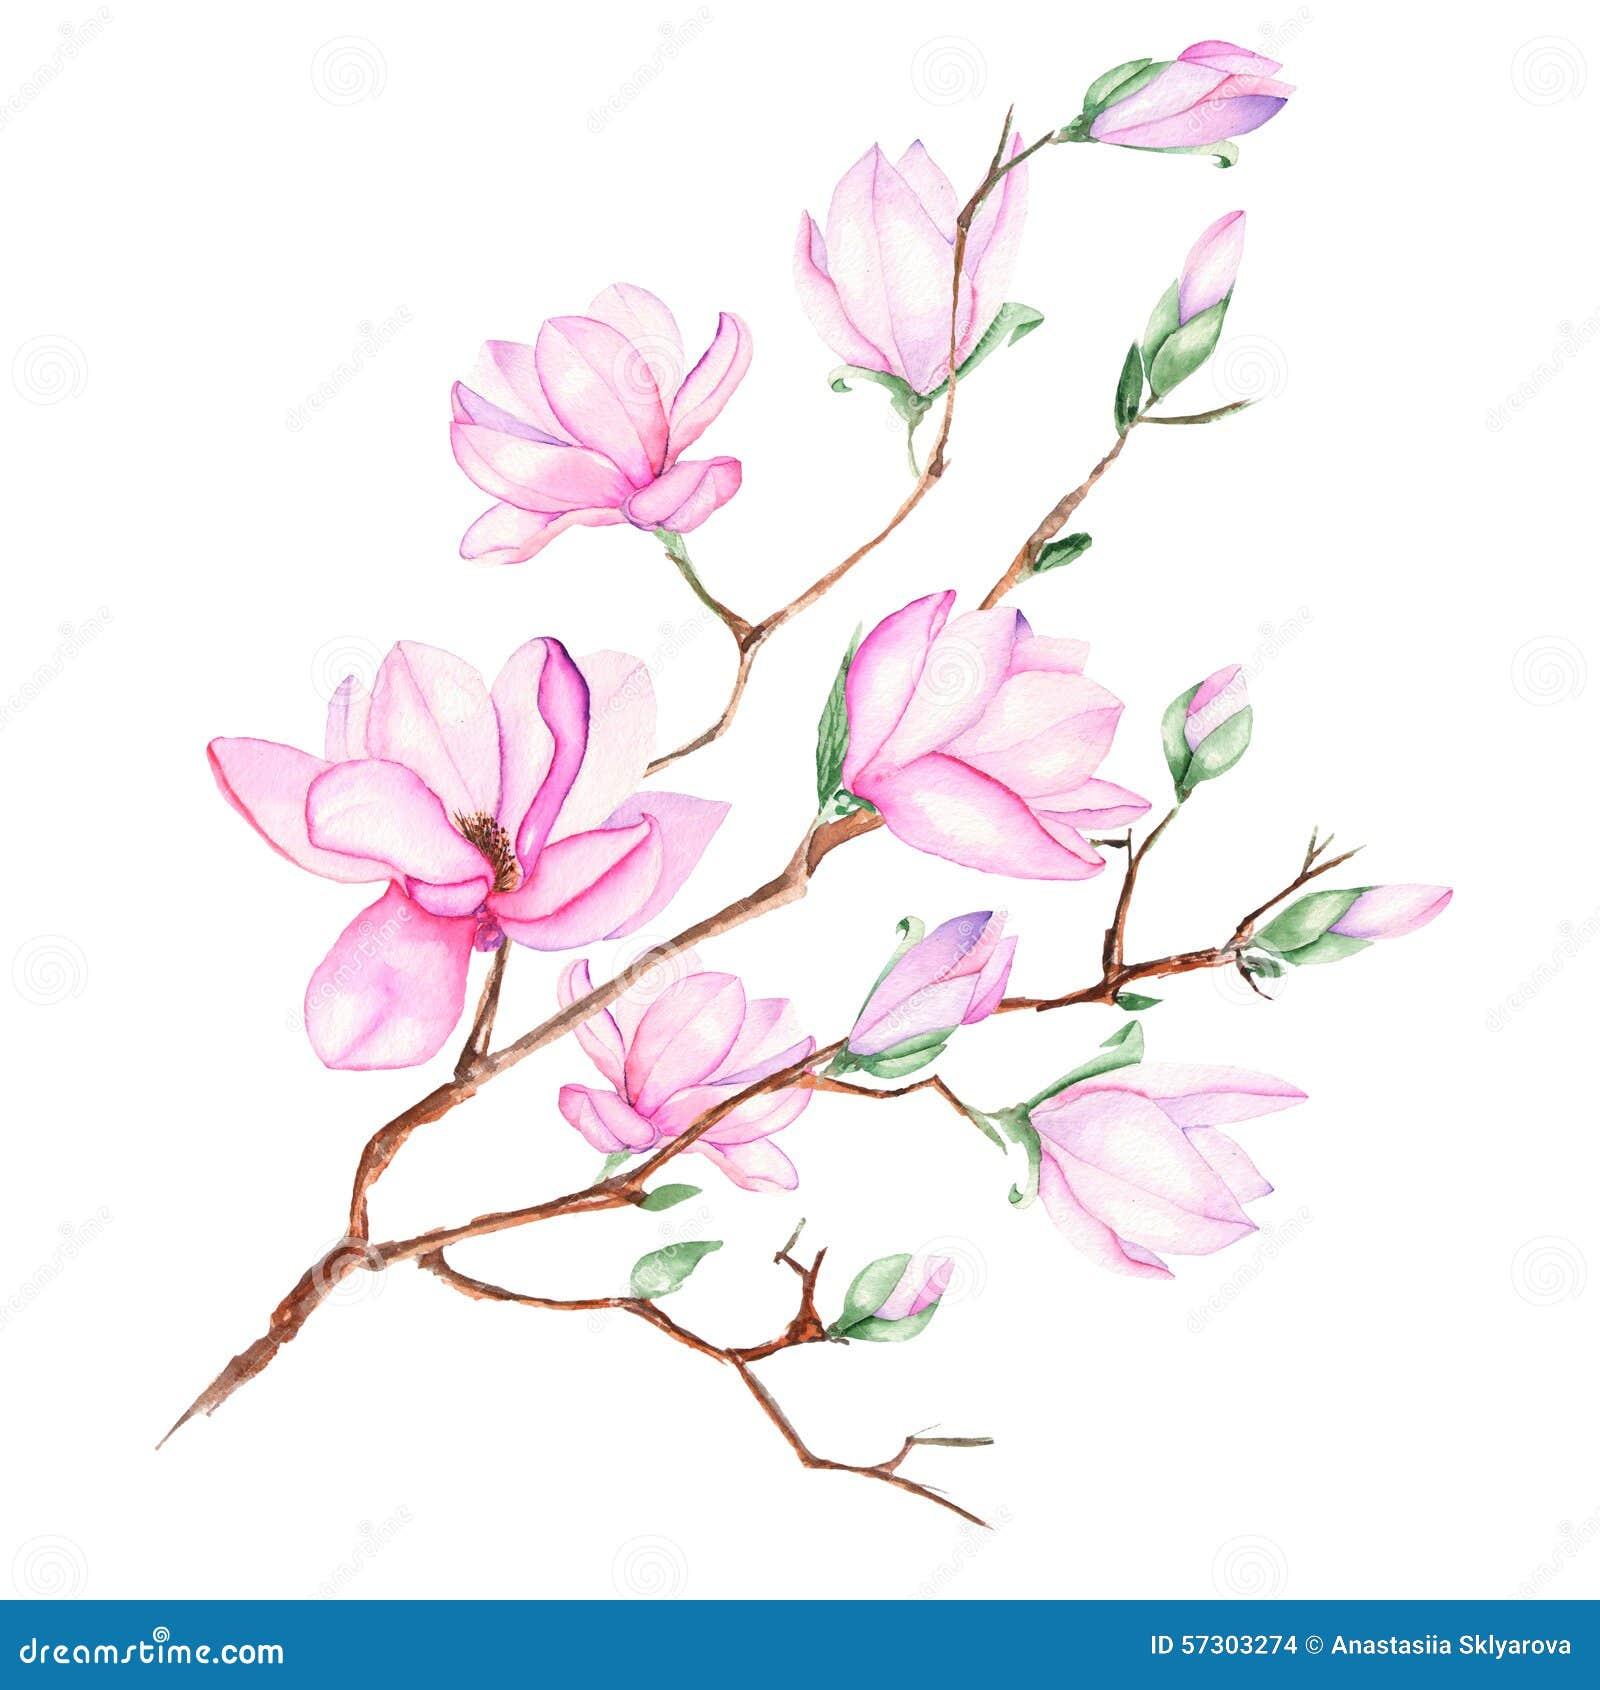 magnolia branch clip art - photo #11